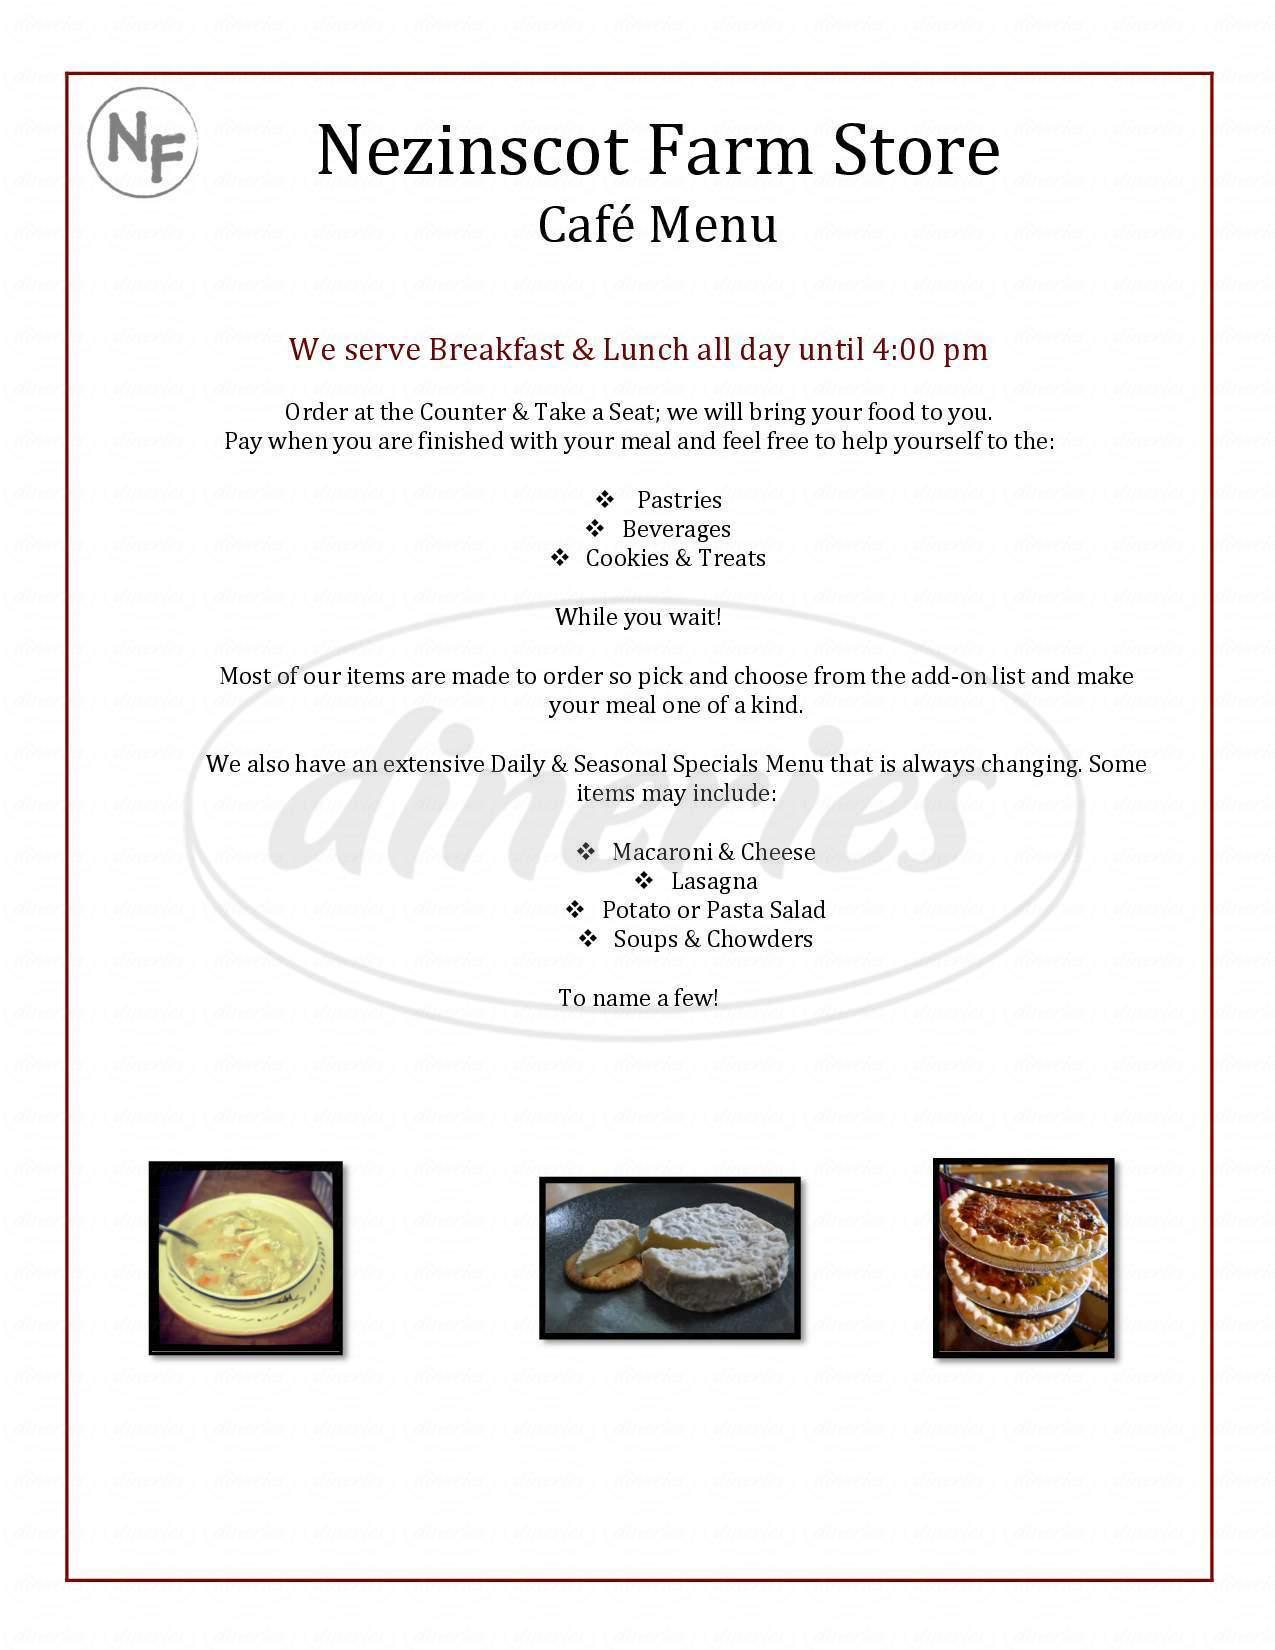 menu for Nezinscot Farm Cafe & Gourmet Food Shop